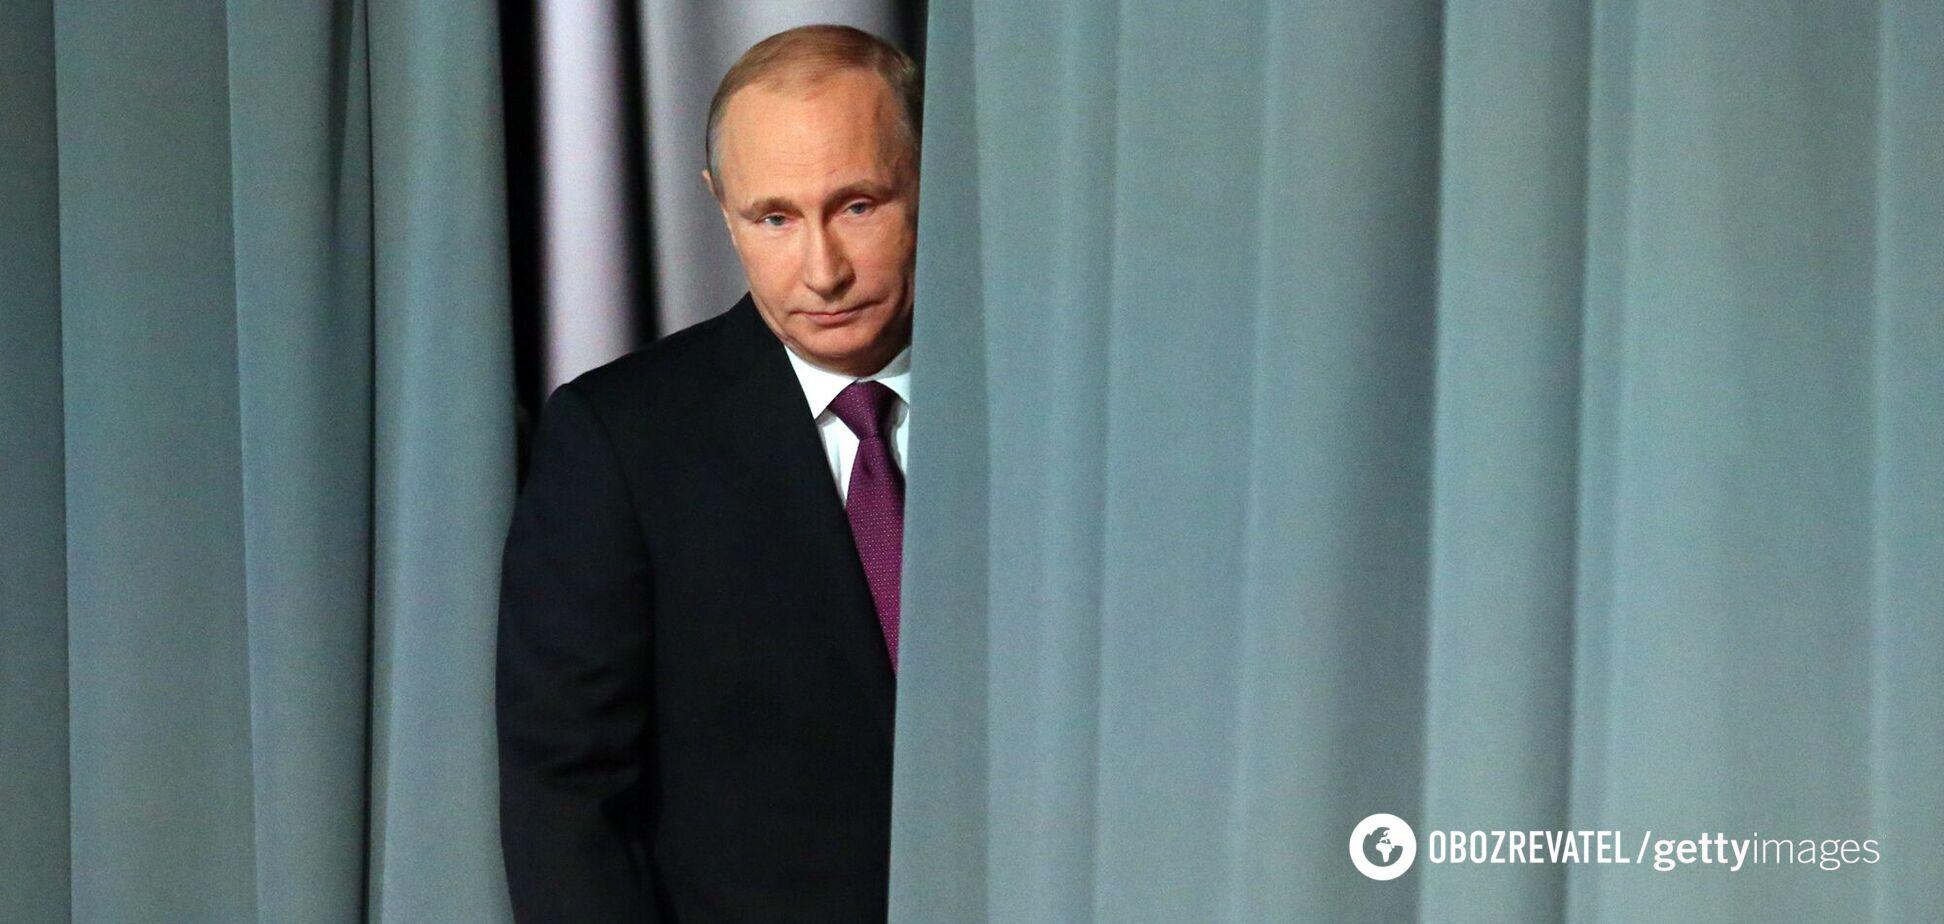 Путин написал статью на украинском языке: вспомнил об 'одном народе', Малороссии и бандеровцах